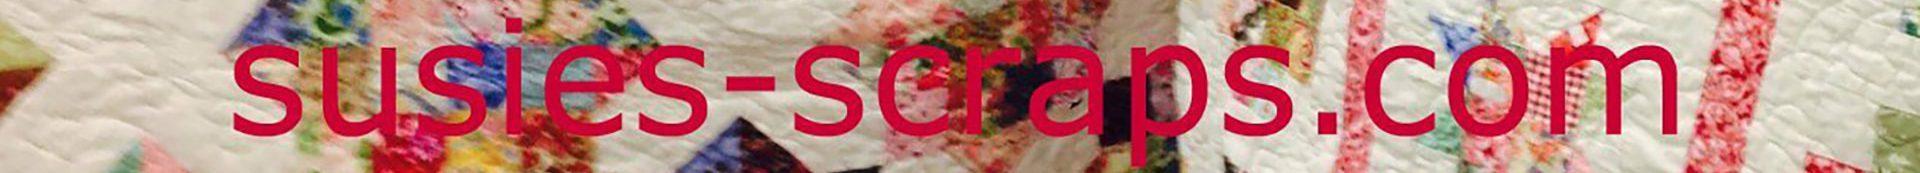 susies-scraps.com